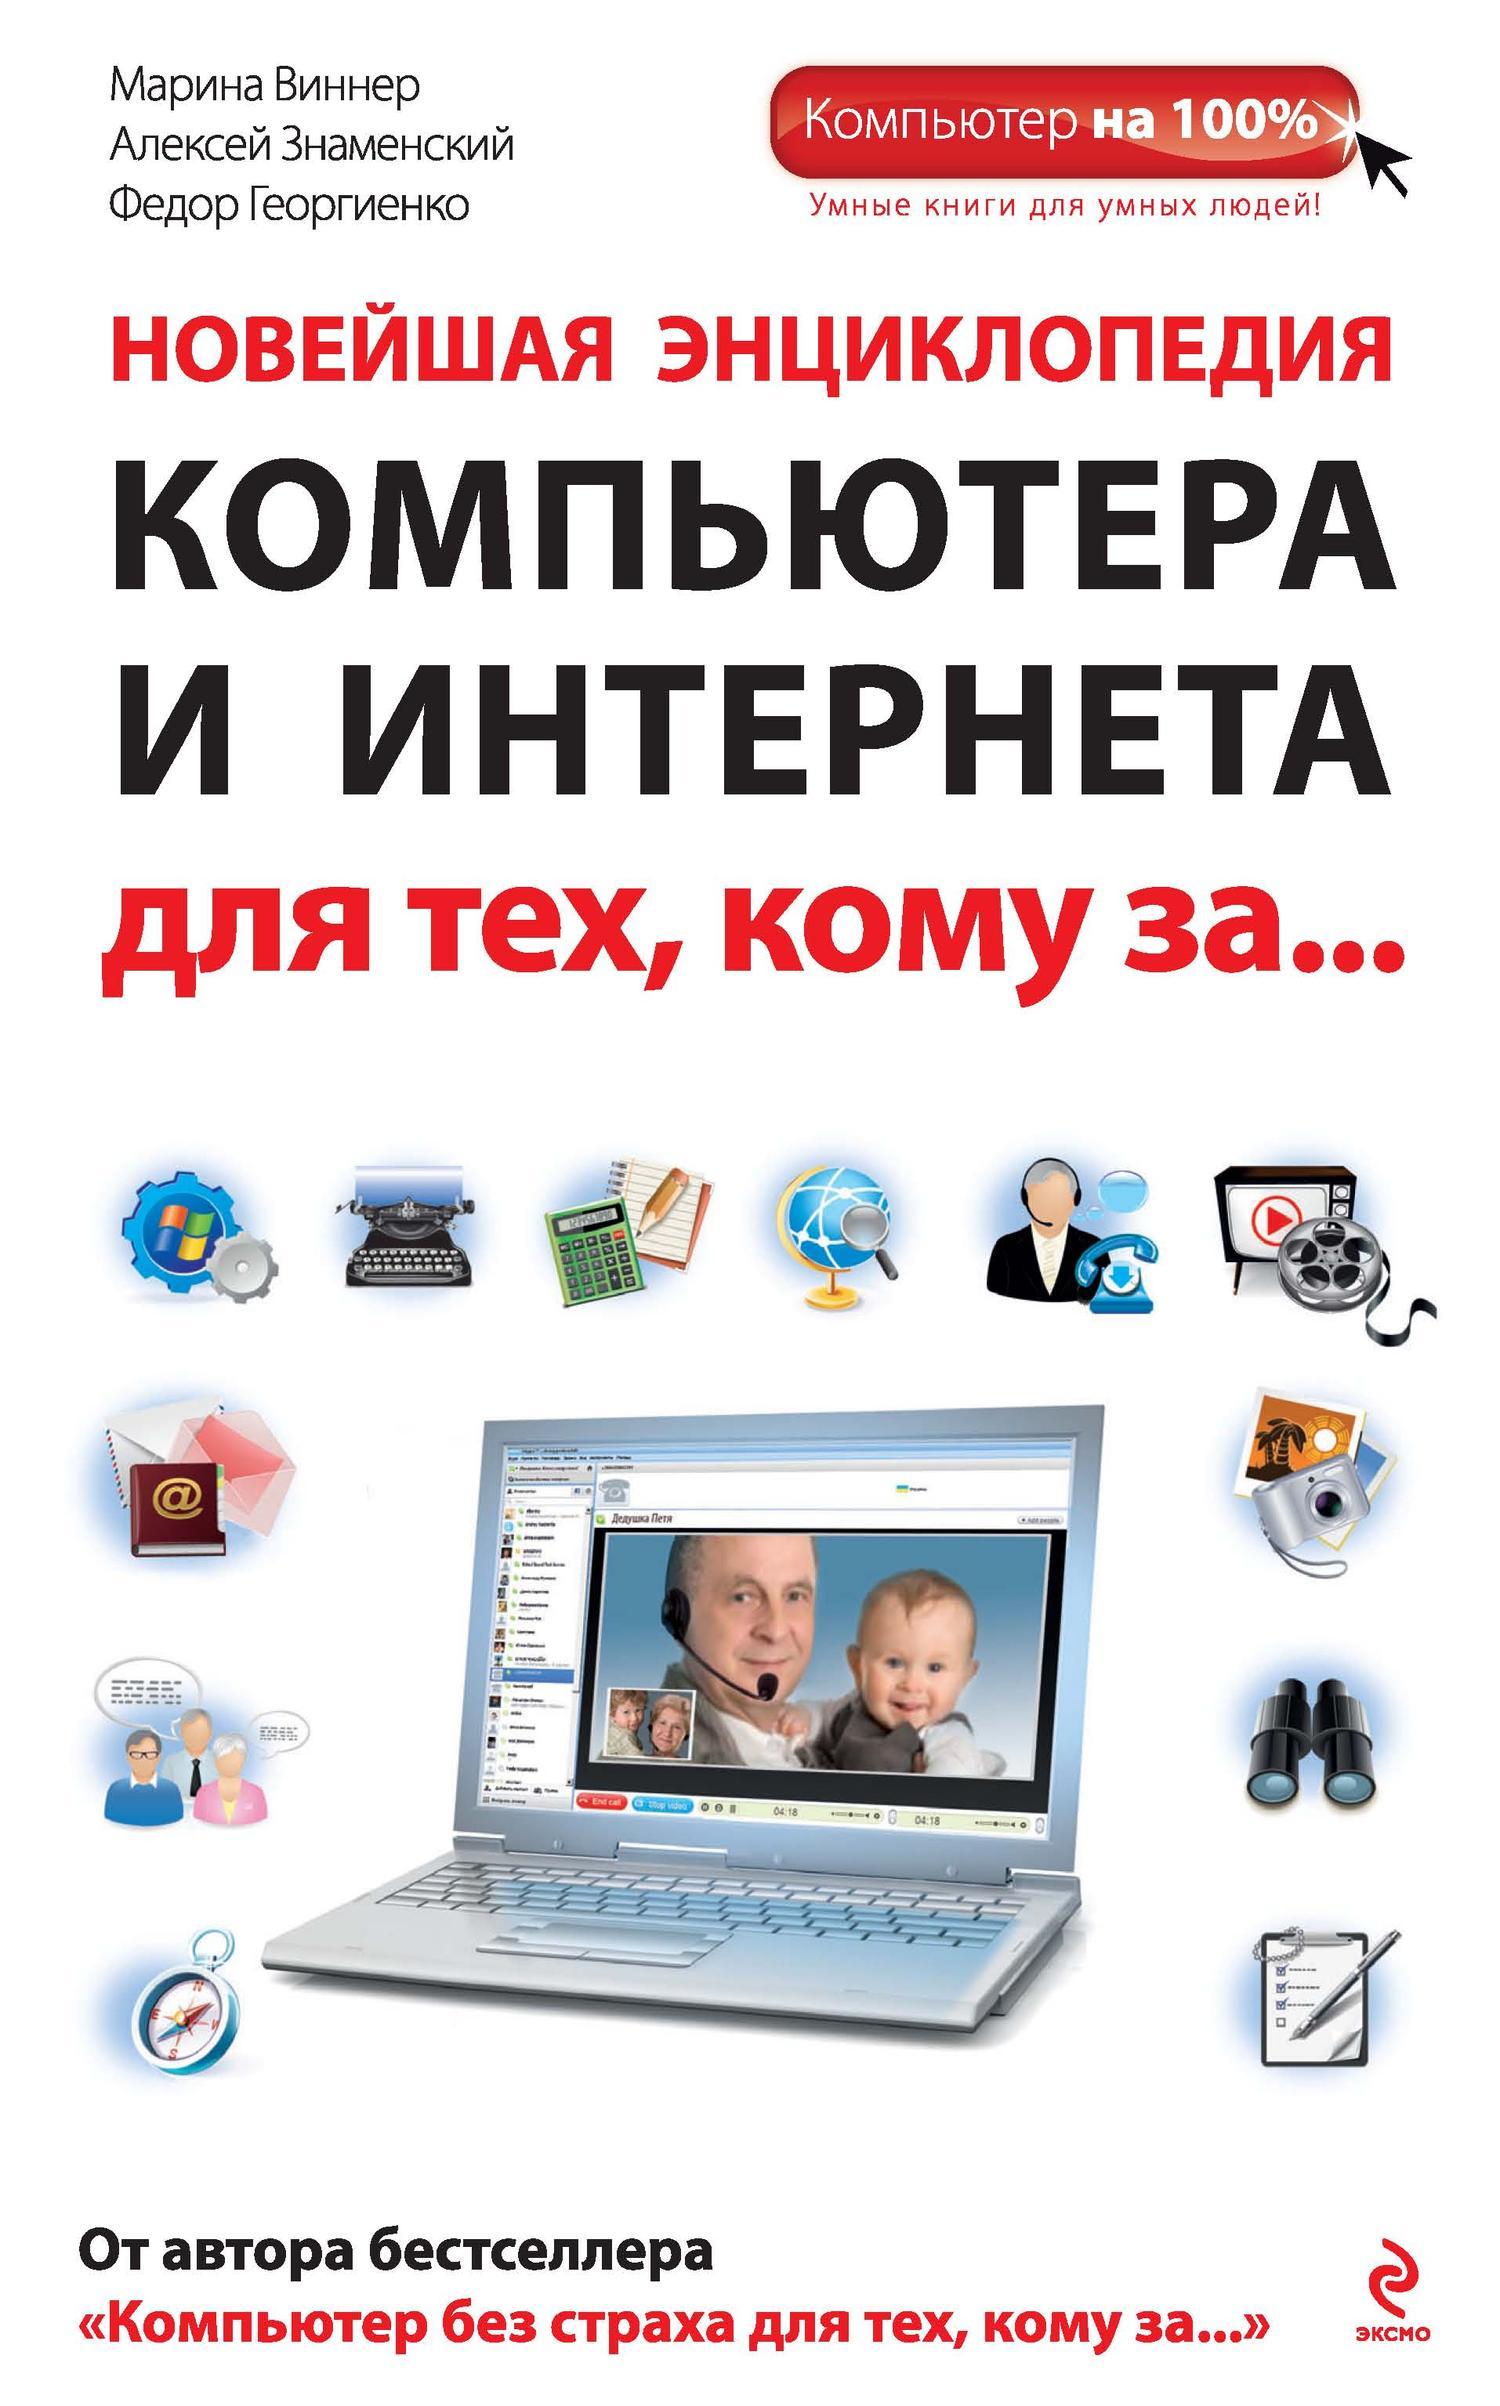 Алексей Знаменский Ноейшая энциклопедия и Интернета тех, кому за…